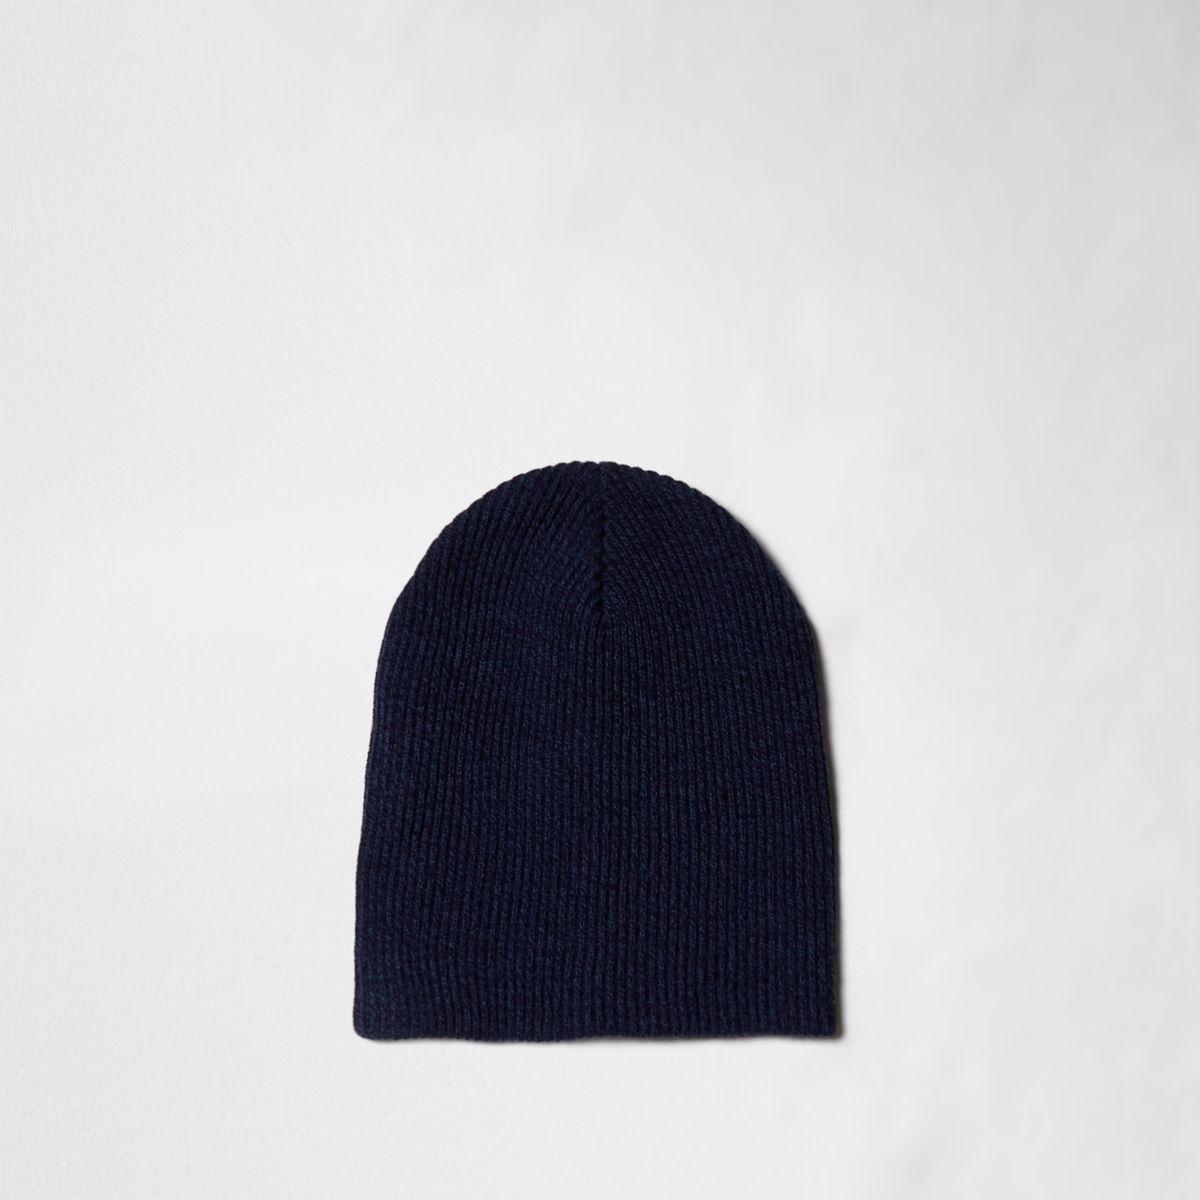 Blaue, weite Rippstrick-Mütze